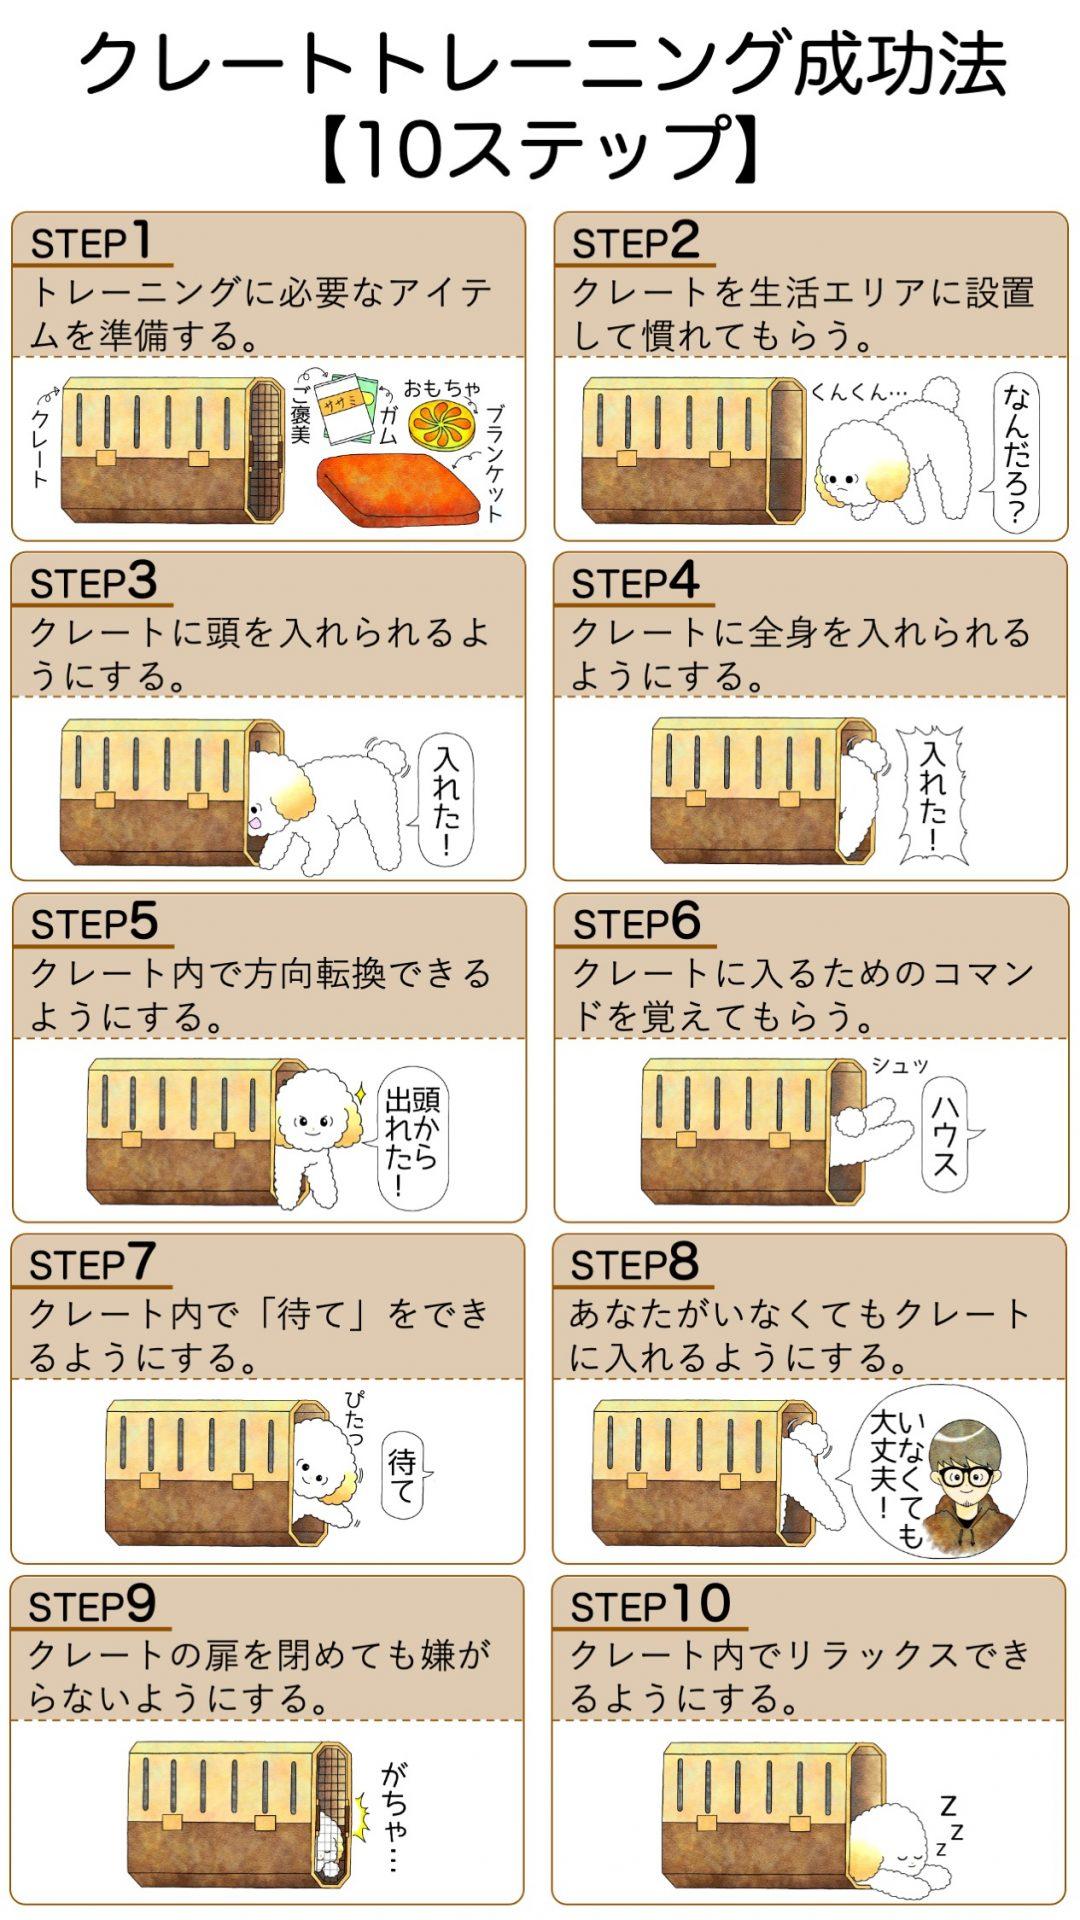 成犬トイプードルが成功したクレートトレーニング方法【10ステップ】